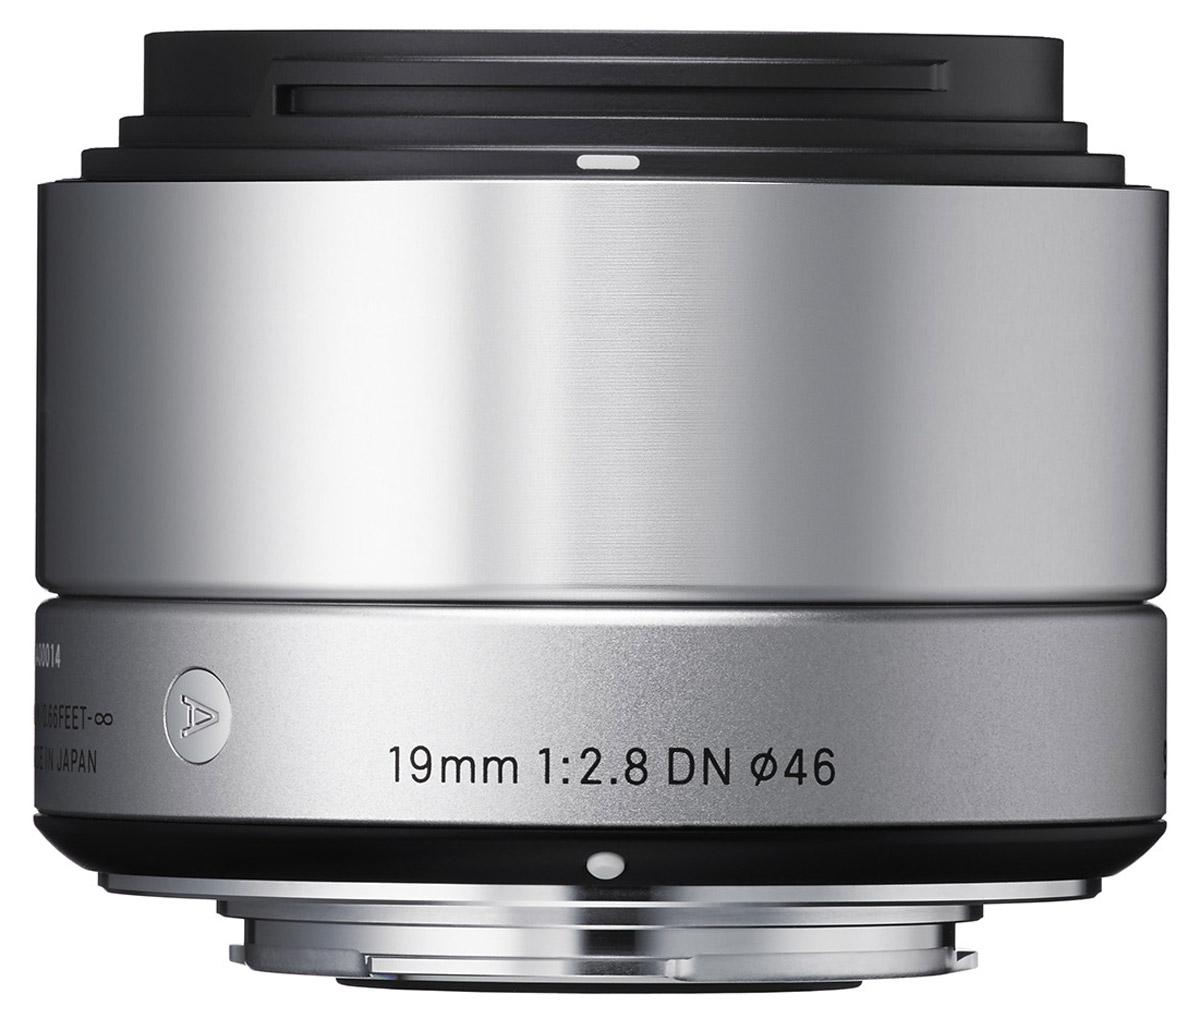 Sigma AF 19mm f/2.8 DN/A, Silver широкоугольный объектив для Sony E (NEX)40S965Sigma AF 19mm f/2.8 DN/A - широкоугольный объектив, созданный с применением передовых оптических технологий для любых сюжетов, особенно для съемки пейзажей и в помещениях.Легкая и компактная конструкция объектива имеет длину 45,7 мм и прекрасно сочетается с габаритами беззеркальных фотоаппаратов. Обладая широким углом обзора объектив очень удобен для фотосъемки в помещениях, а также повседневной фотографии. Кроме этого, значительно улучшена функциональность.Простая форма кольца фокусировки, различие текстур каждой части, использование металла как основного материала и цельный корпус - все это составляющие дизайна Sigma AF 19mm f/2.8 DN/A.Использование трех высококачественных литых асферических элементов обеспечивает превосходное исправление искажений и других видов аберрации. Система внутренней фокусировки корректирует колебания для поддержания качества изображения независимо от положения фокуса.Закругленная 7-лепестковая диафрагма создает привлекательное размытие изображения, находящегося не в фокусе. Минимальная дистанция фокусировки равна 20 см, в то время как максимальный коэффициент увеличения составляет 1:7.4.Объектив имеет линейный двигатель AF, который перемещает линзу без необходимости использования дополнительных механических частей. Эта система обеспечивает быструю и бесшумную автофокусировку, что позволяет использовать данную модель как для записи видео, так и для съемки фотографий.